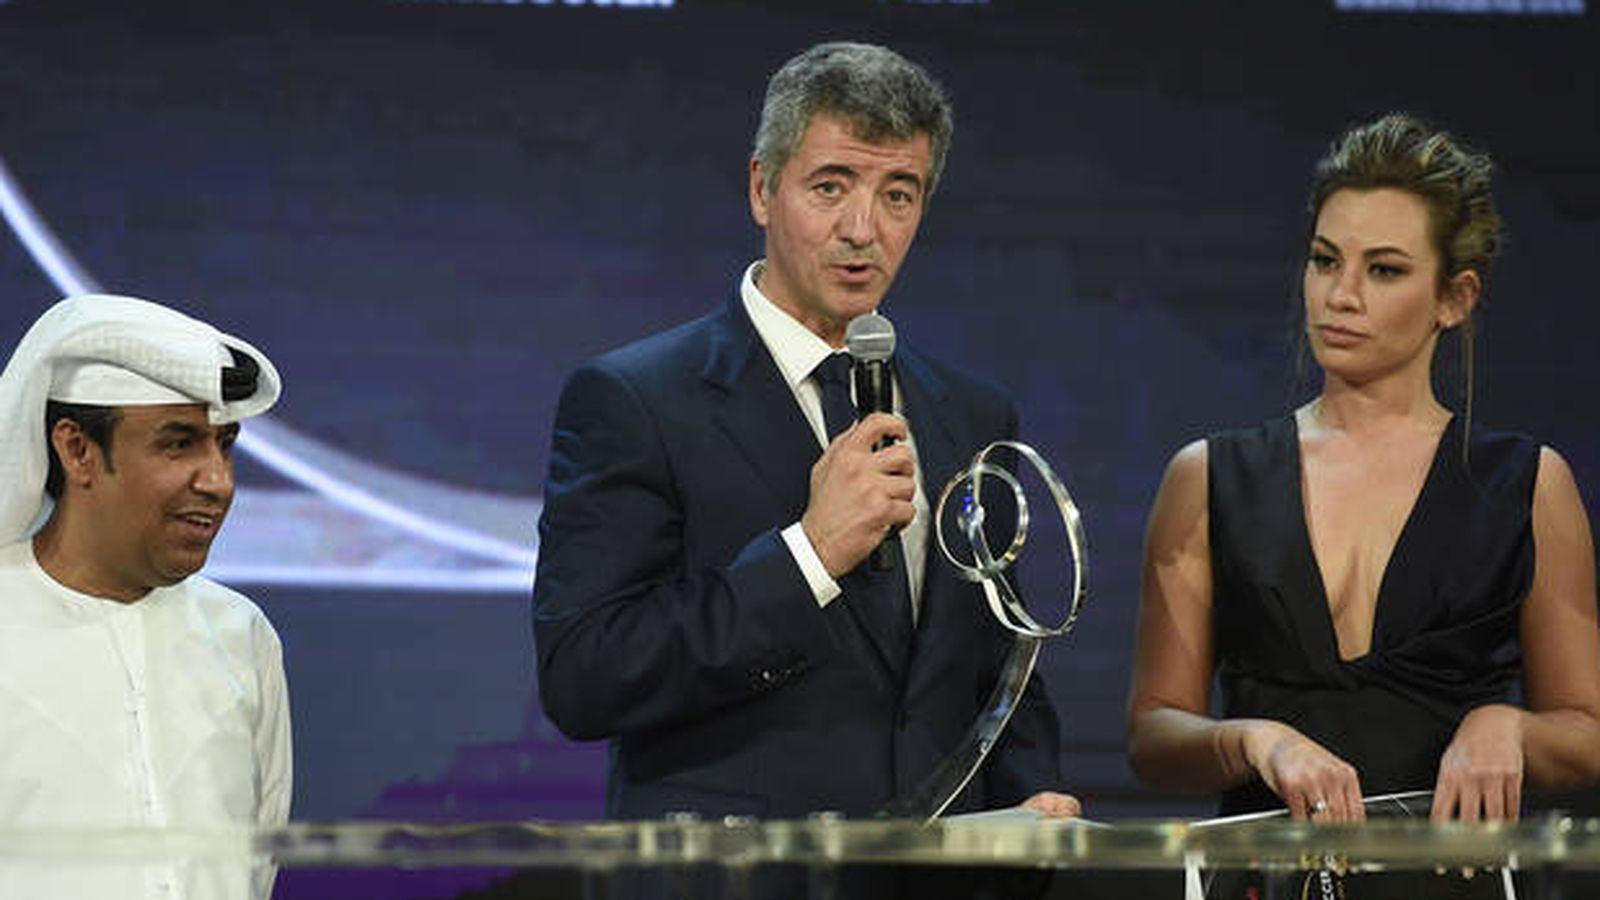 Foto: Miguel Ángel Gil, CEO del Atlético de Madrid, en una reciente entrega de premios en Dubái. (Reuters)